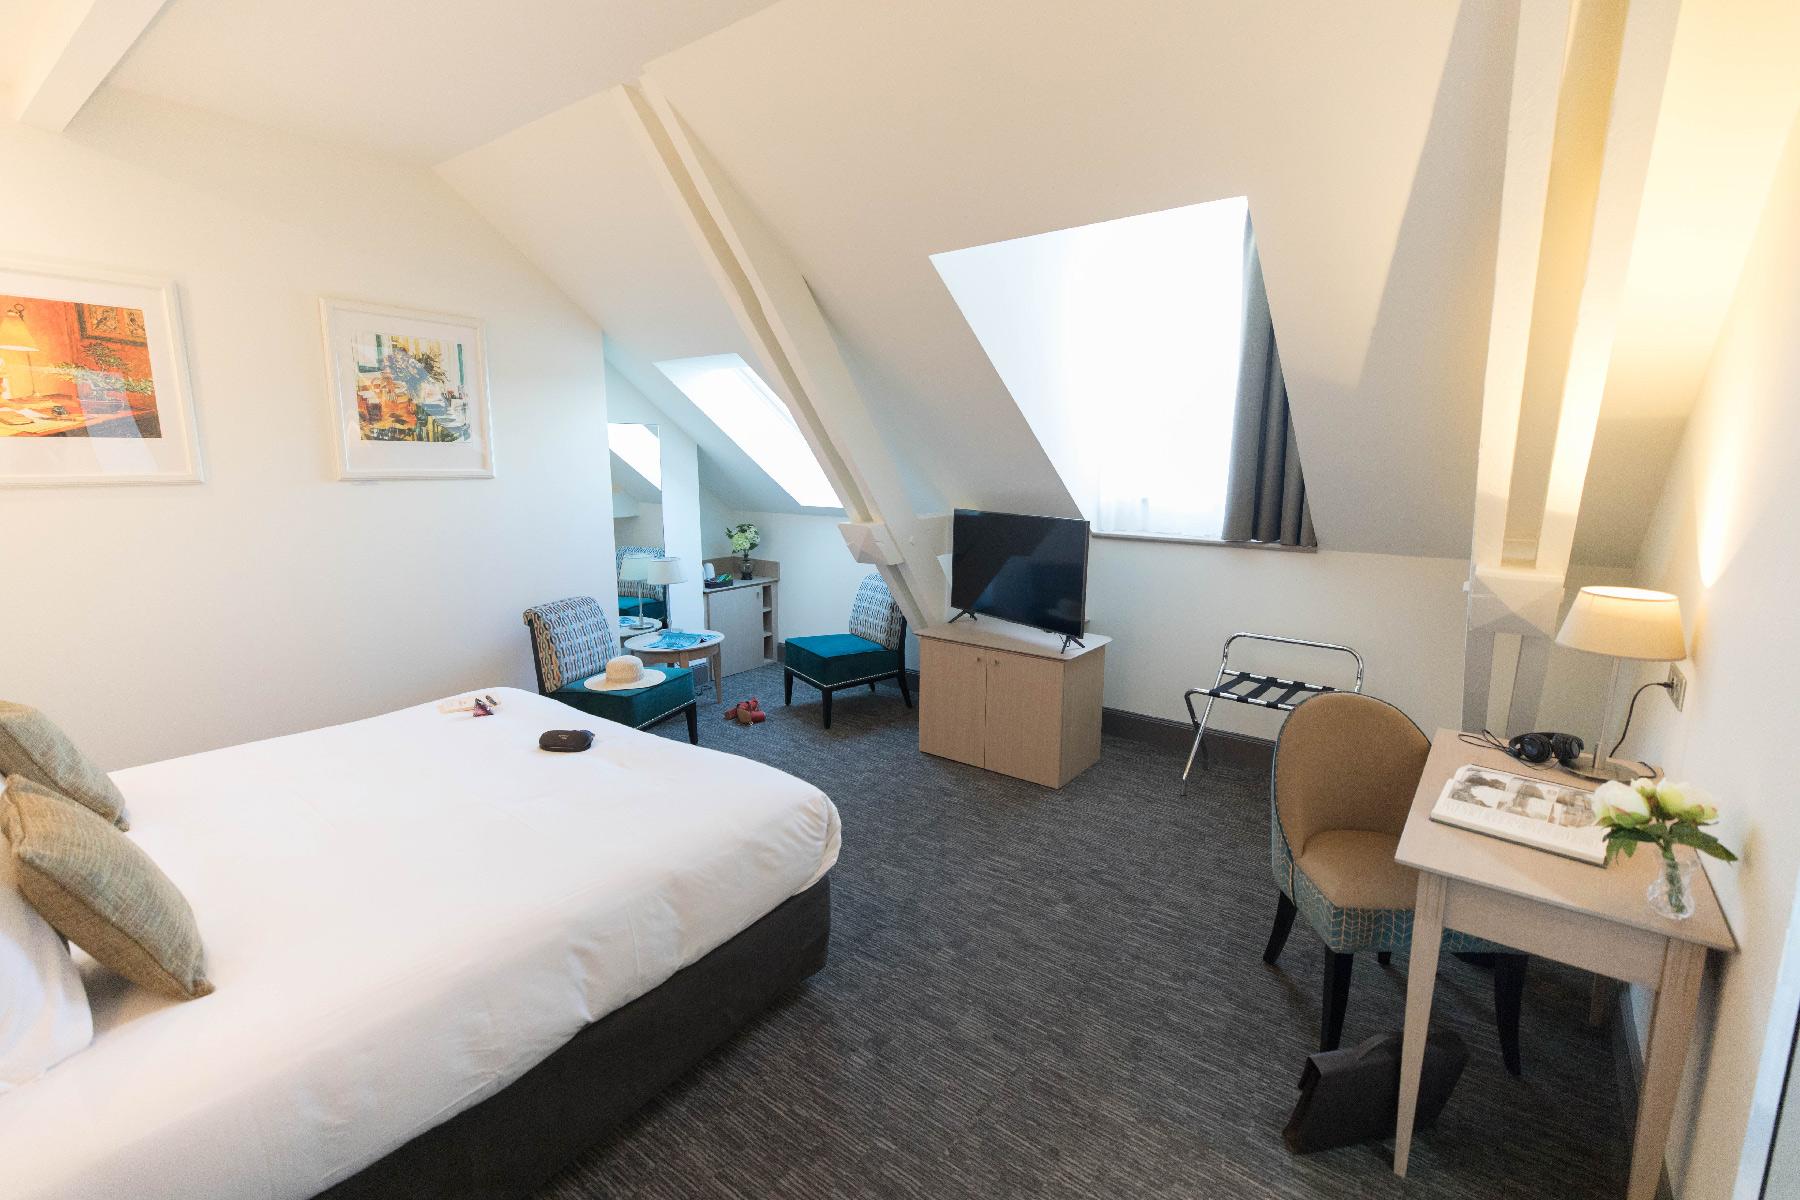 chambre Deluxe - Hôtel Marotte salon bureau